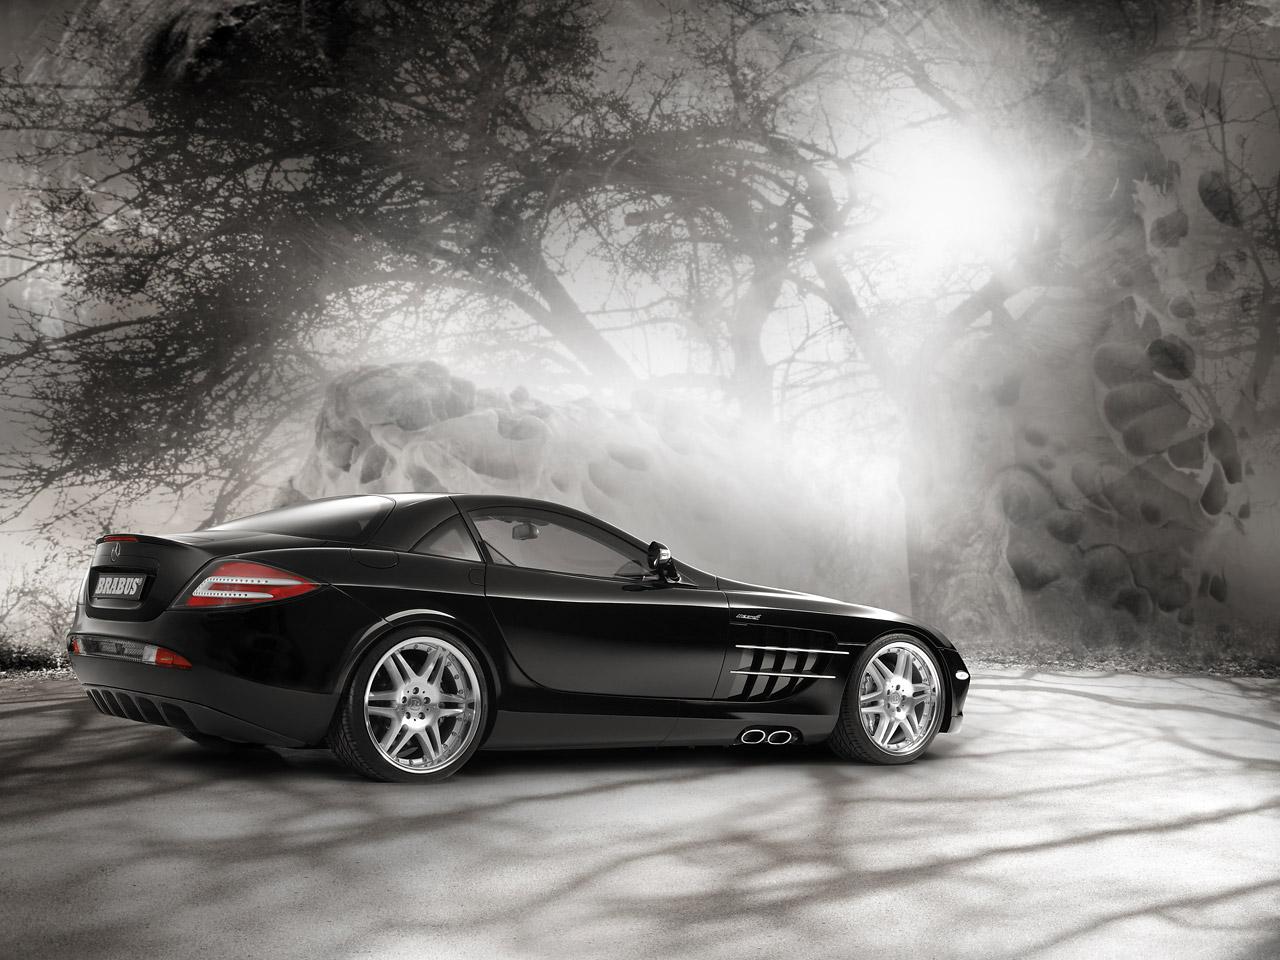 http://1.bp.blogspot.com/_2mN0xk6r-Eo/TFd5iiFFK7I/AAAAAAAABww/bKj5wstpVNY/s1600/Brabus_SLR_McLaren_(based_on_Mercedes-Benz_SLR_McLaren),_2005.jpg